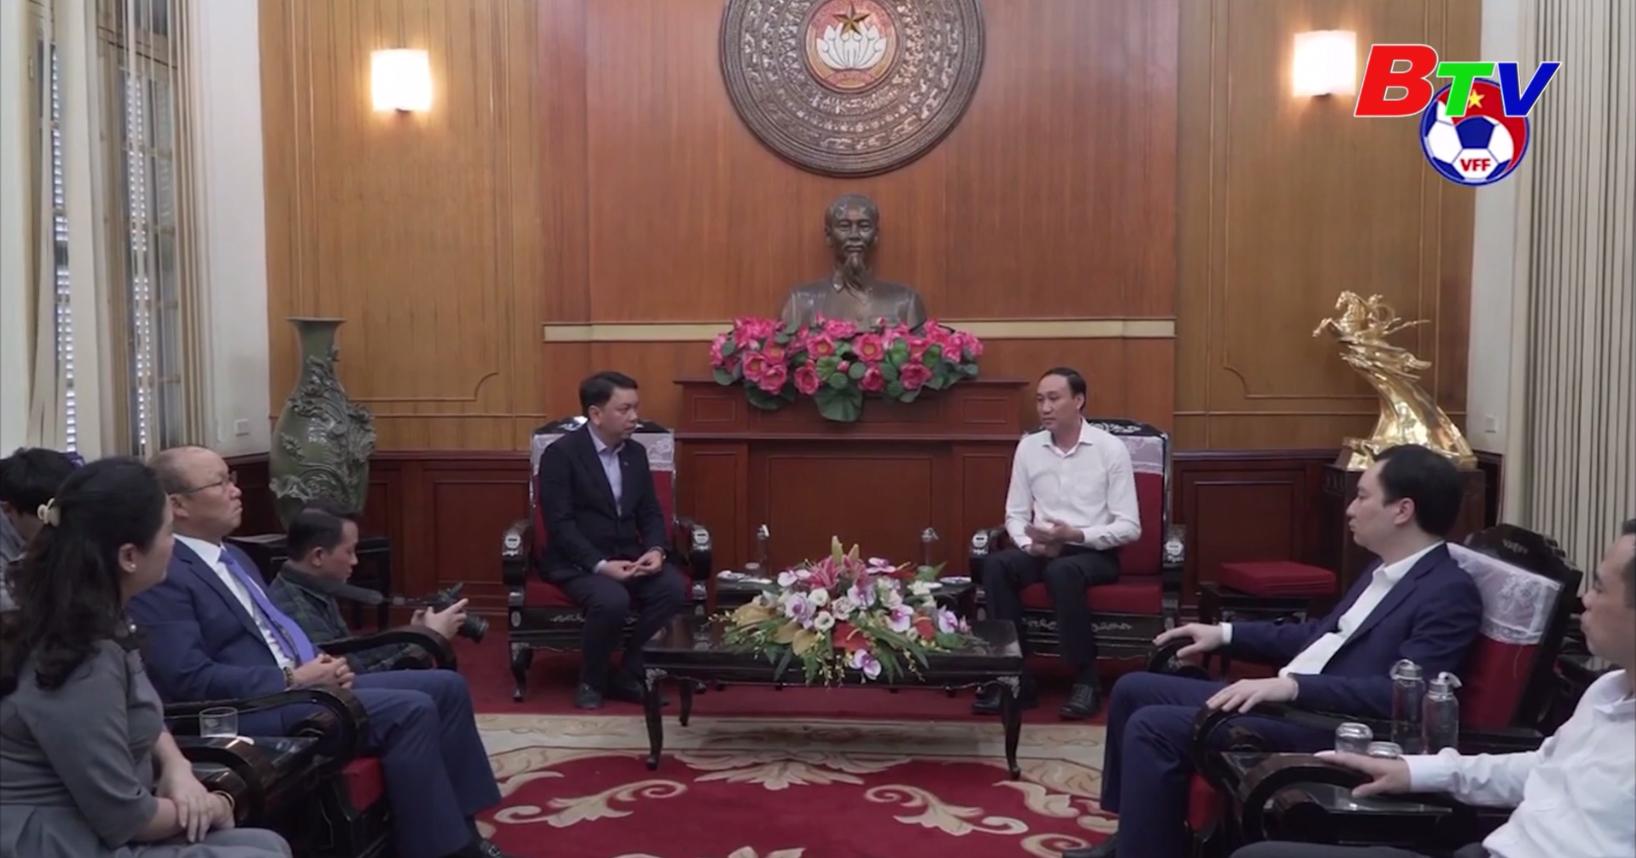 Liên đoàn Bóng đá Việt Nam và Huấn luyện viên trưởng Park Hang-seo ủng hộ đồng bào miền Trung